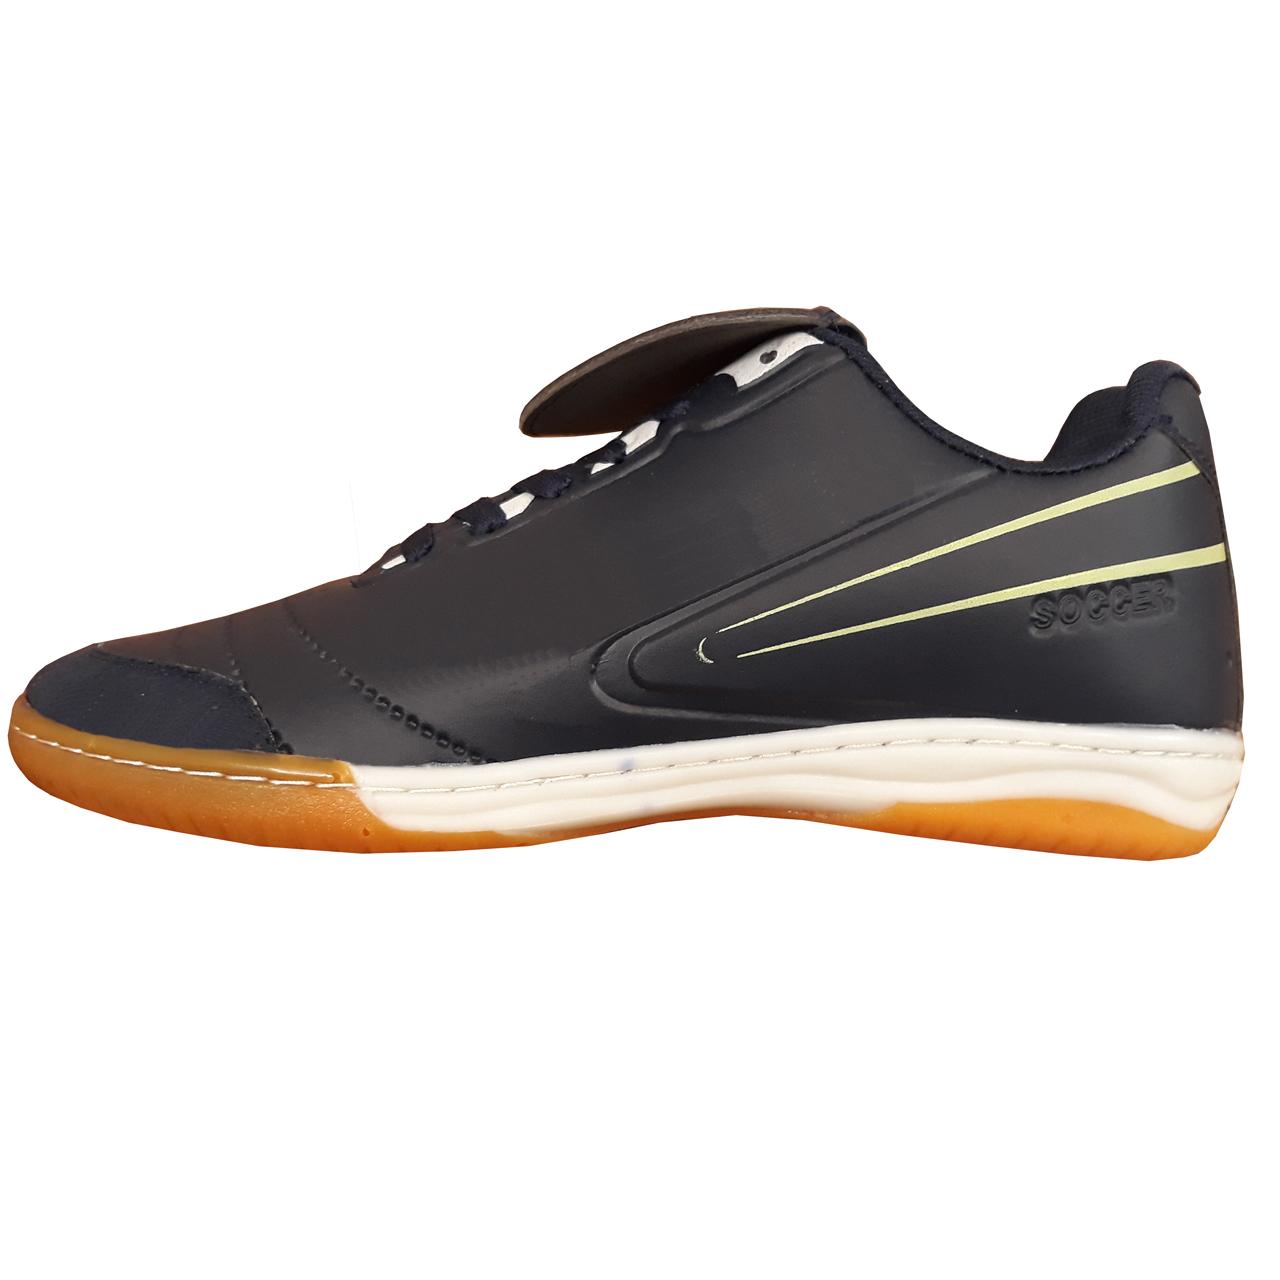 قیمت کفش فوتسال مردانه ساکر کد 2021